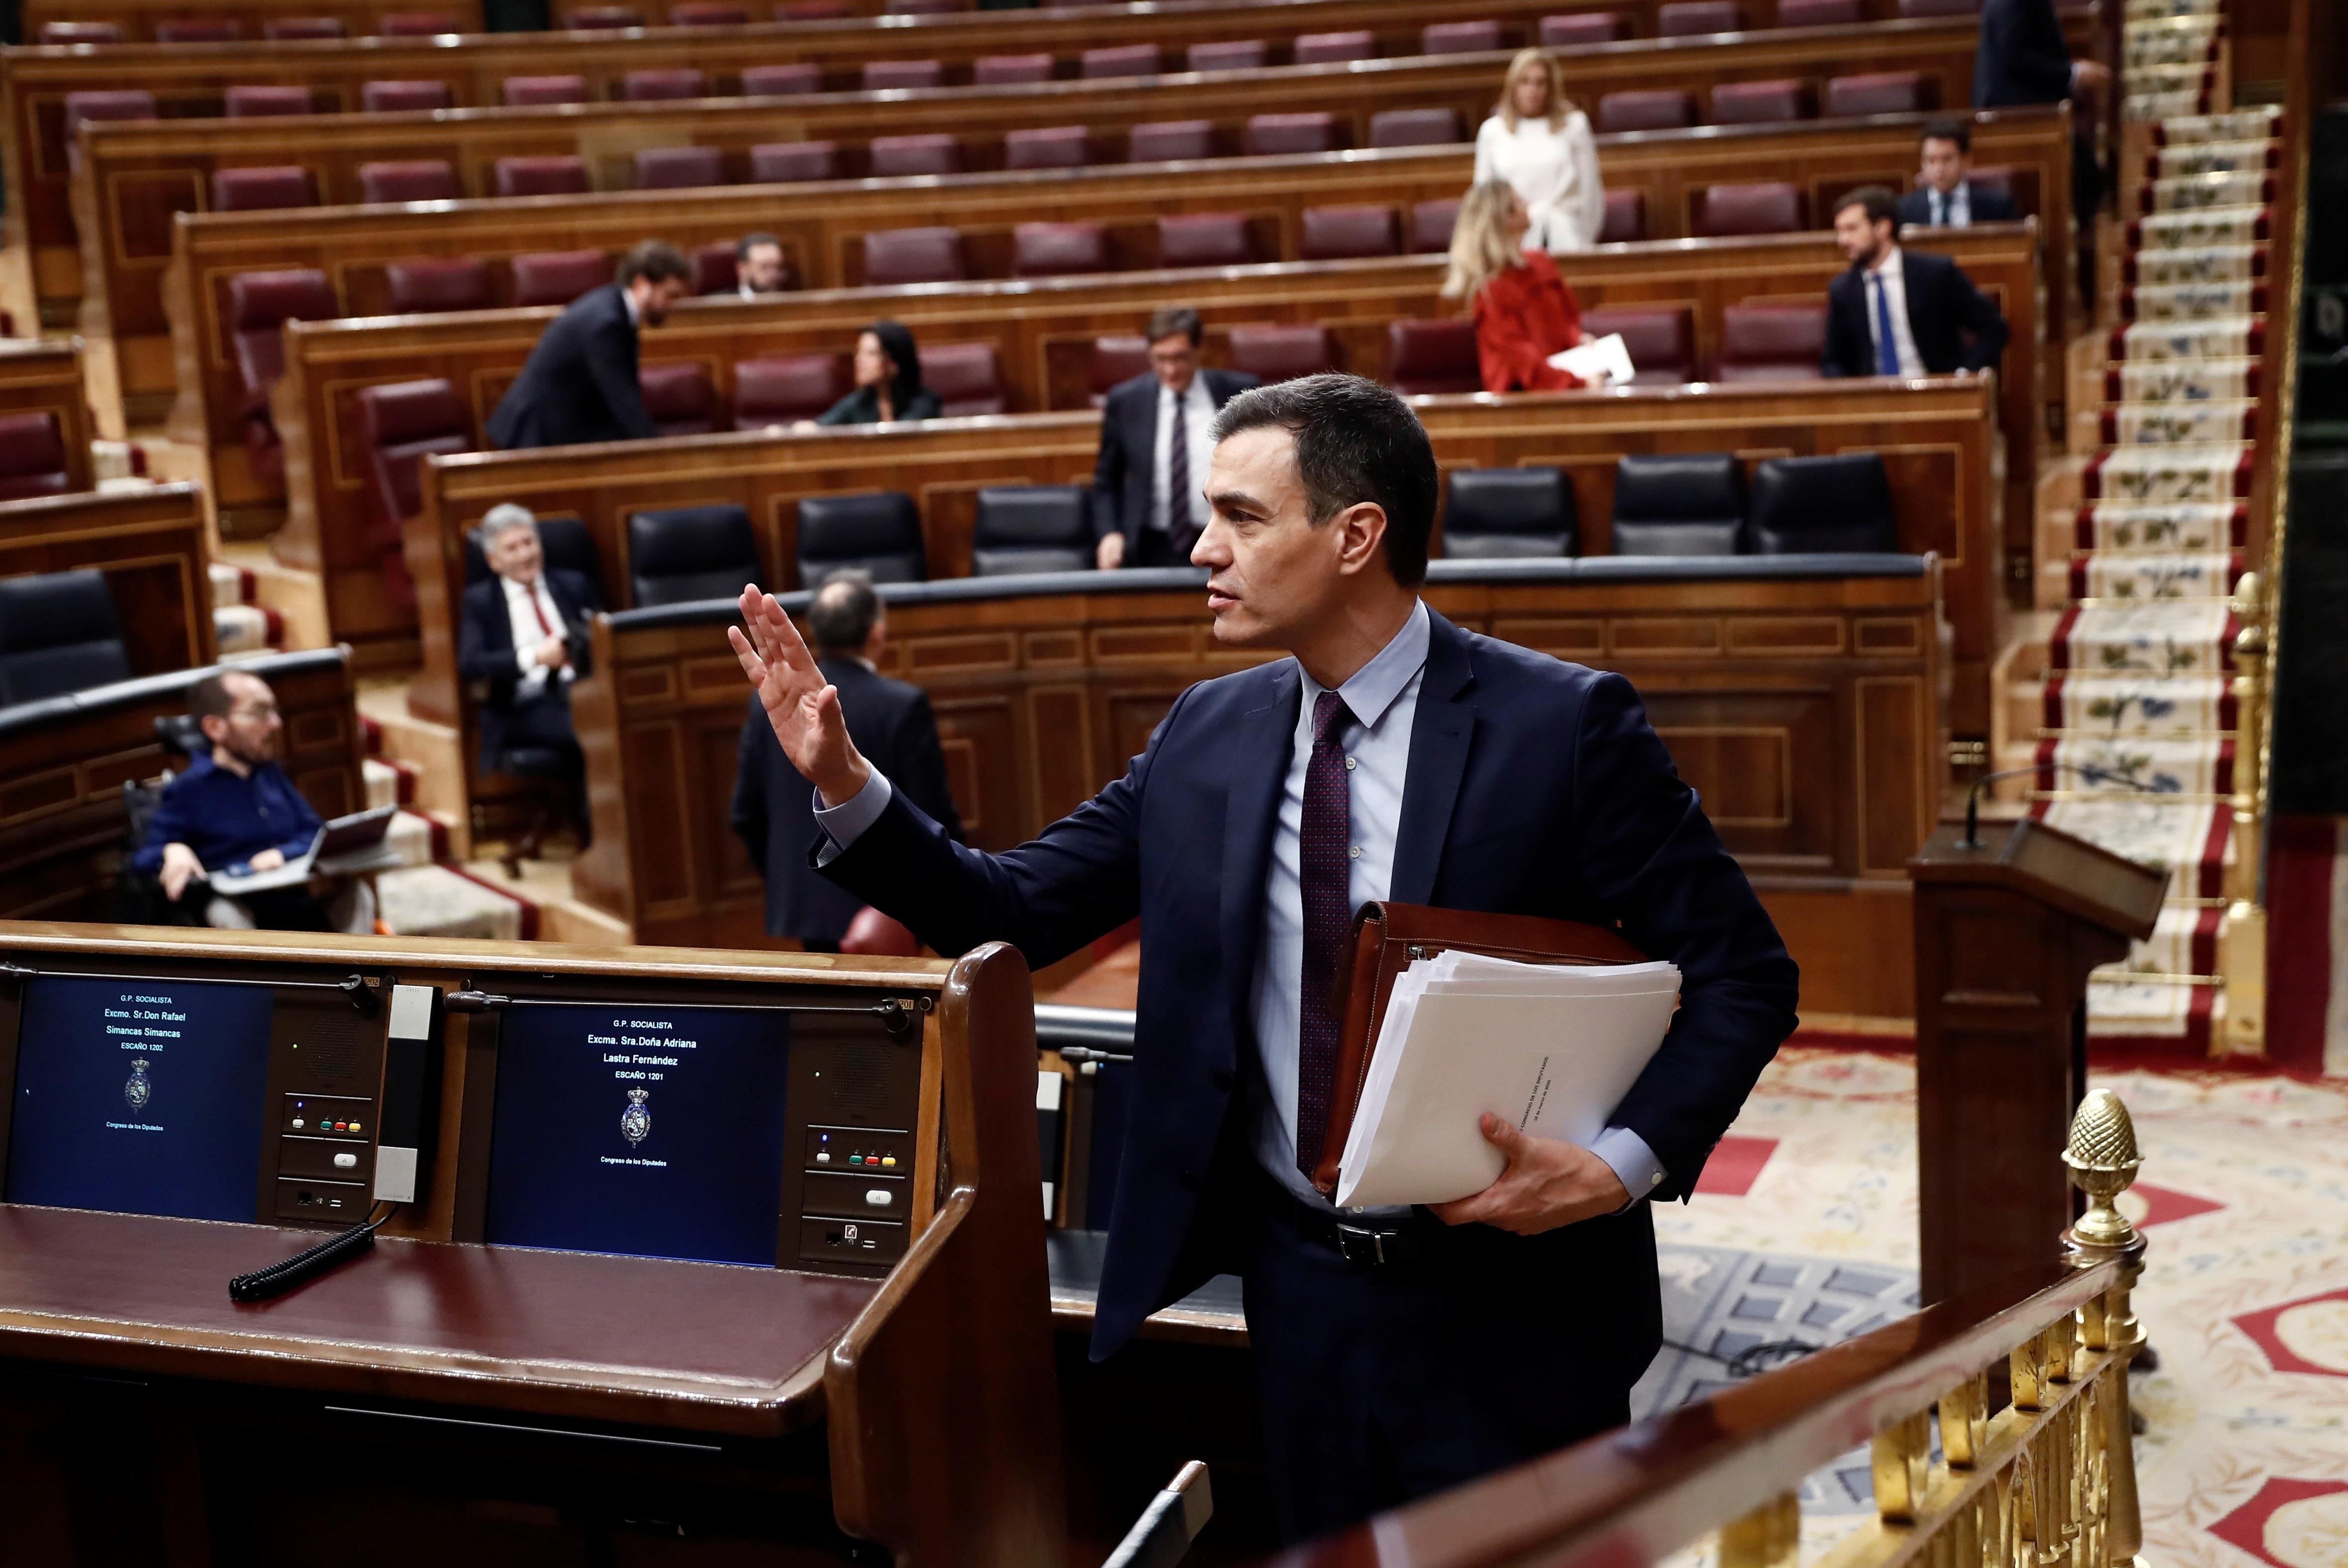 Pedro Sanchez Explains The Alarm State At Parliament